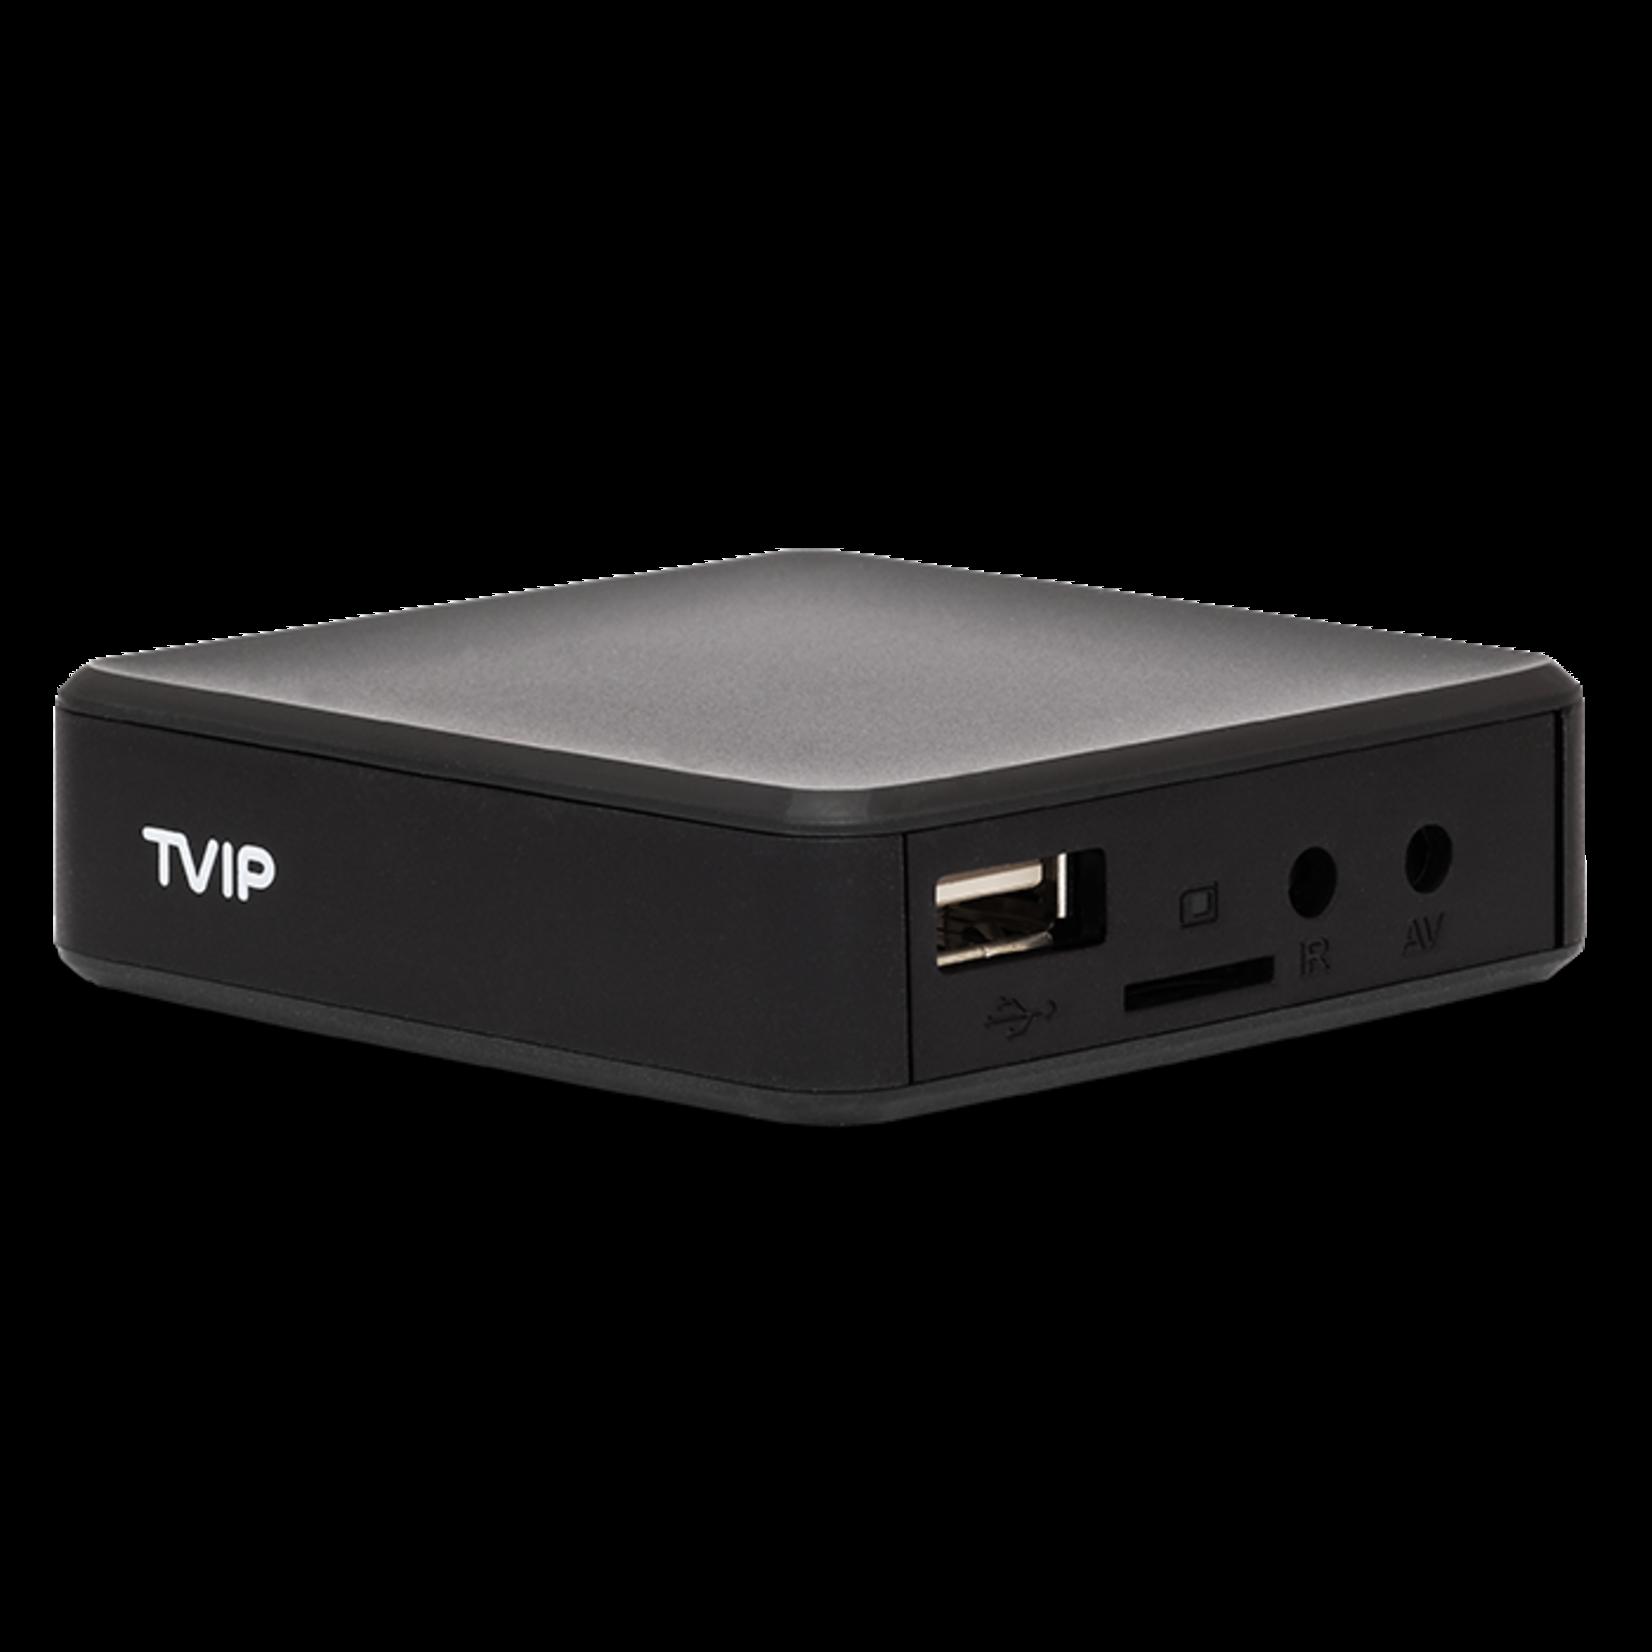 TVIP RECEPTEUR TVIP S530 - 4K ultra - sans wifi